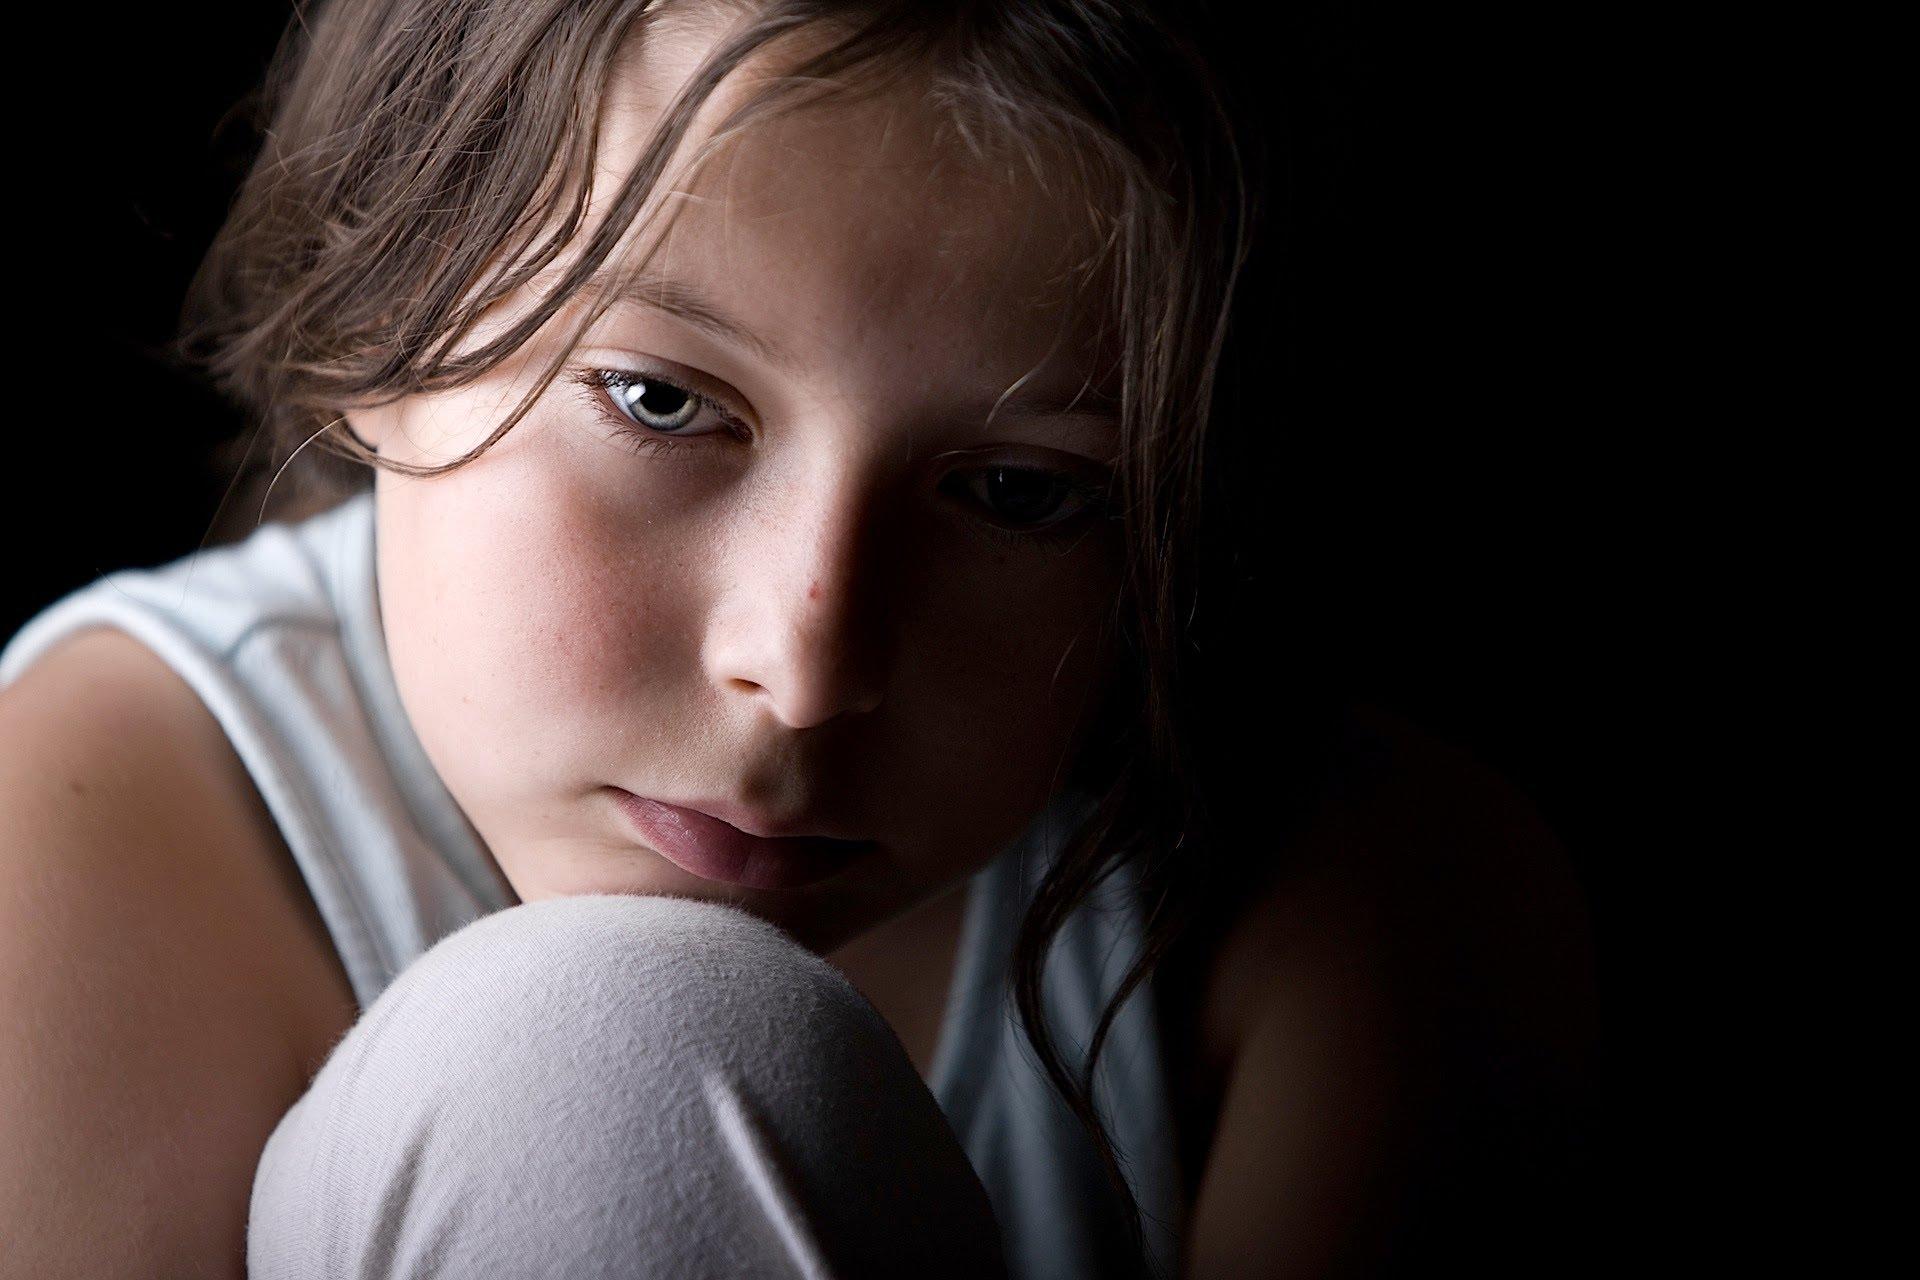 10 психологічних проблем у дітей, що виникають із-за неправильного виховання